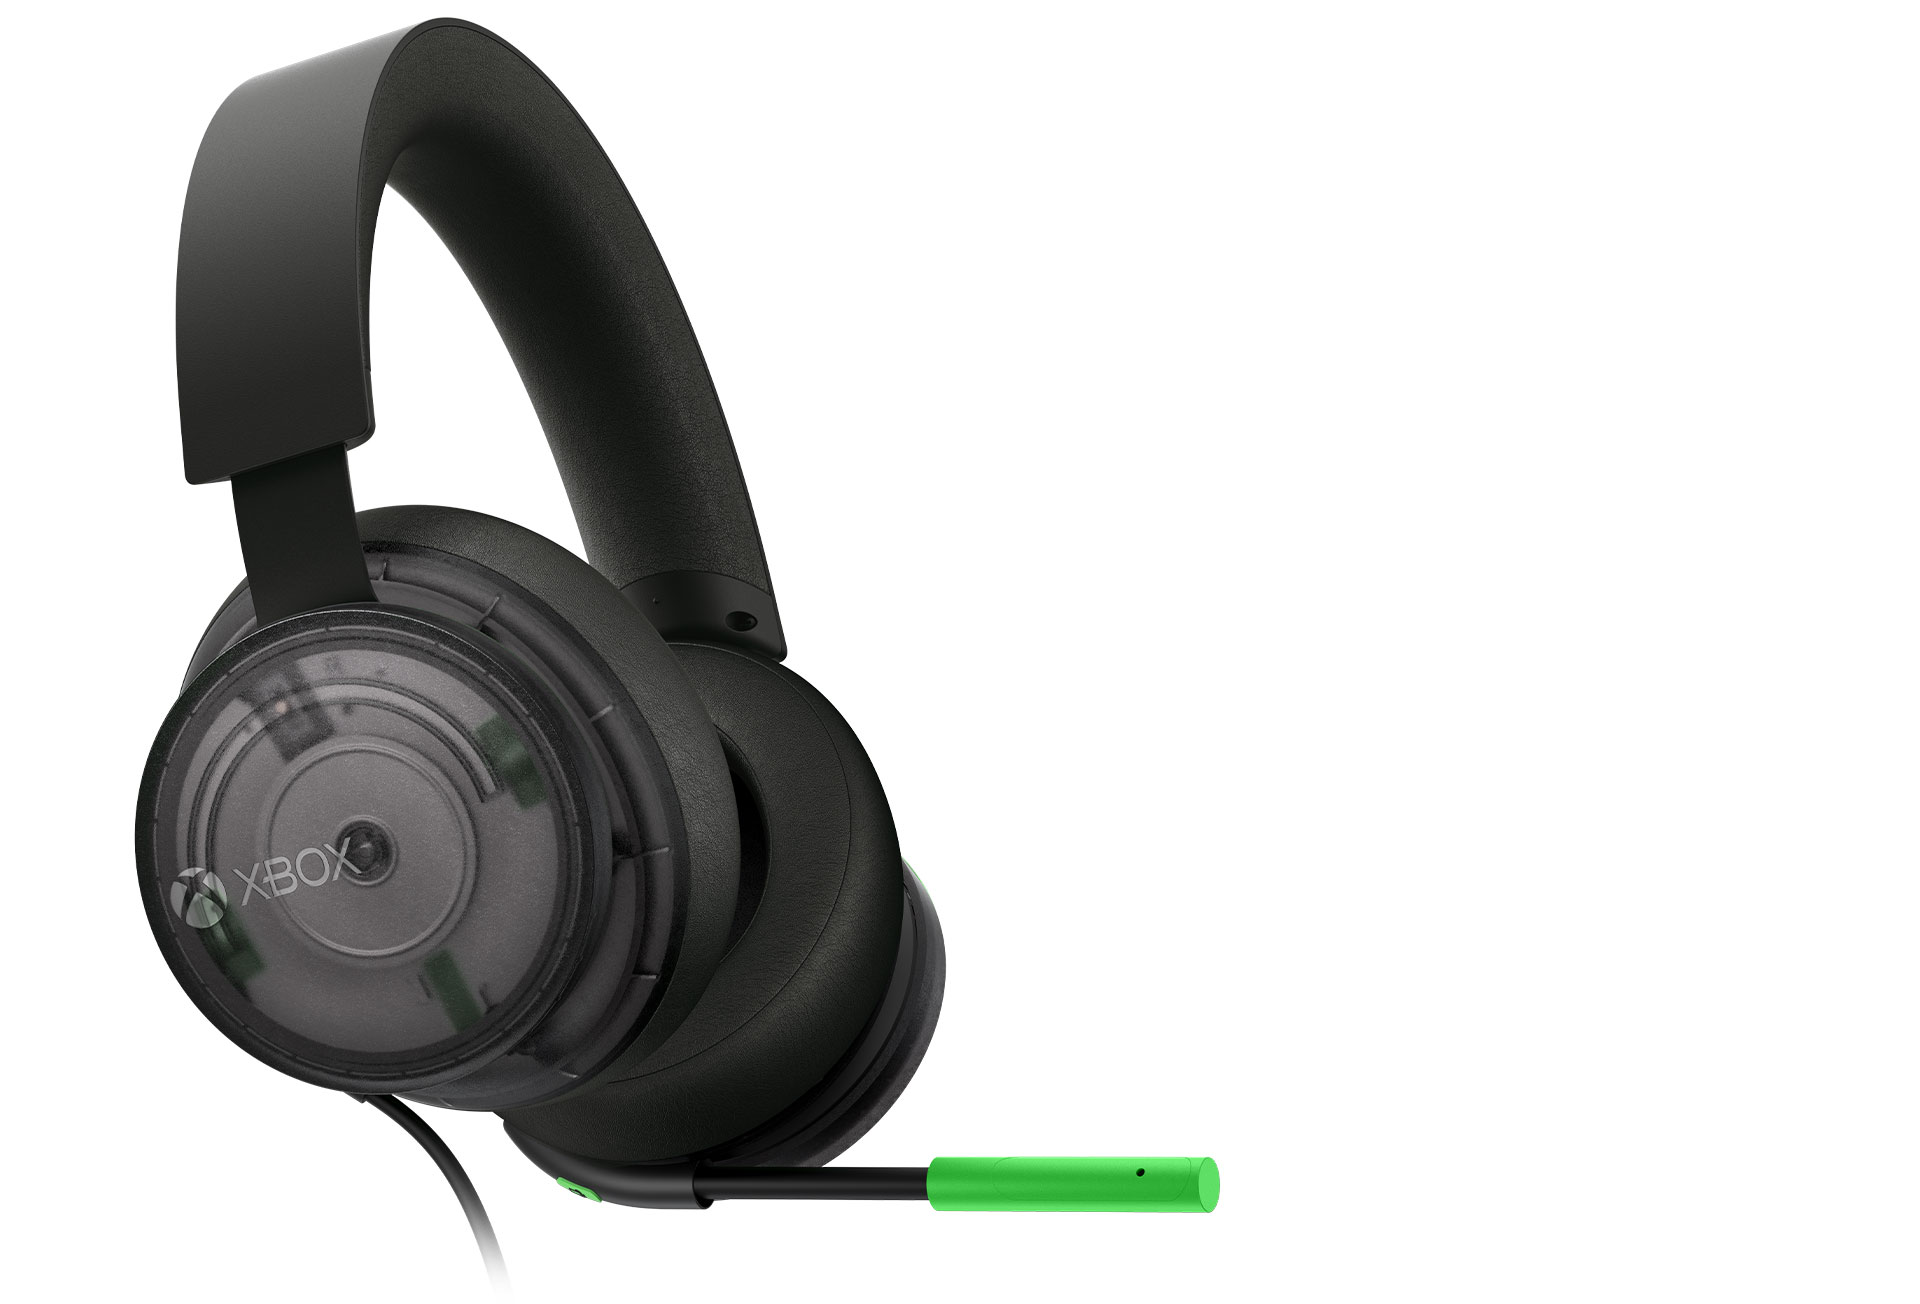 A 20th Anniversary Special Edition kiadású Xbox sztereó headset jobb oldali döntött képe